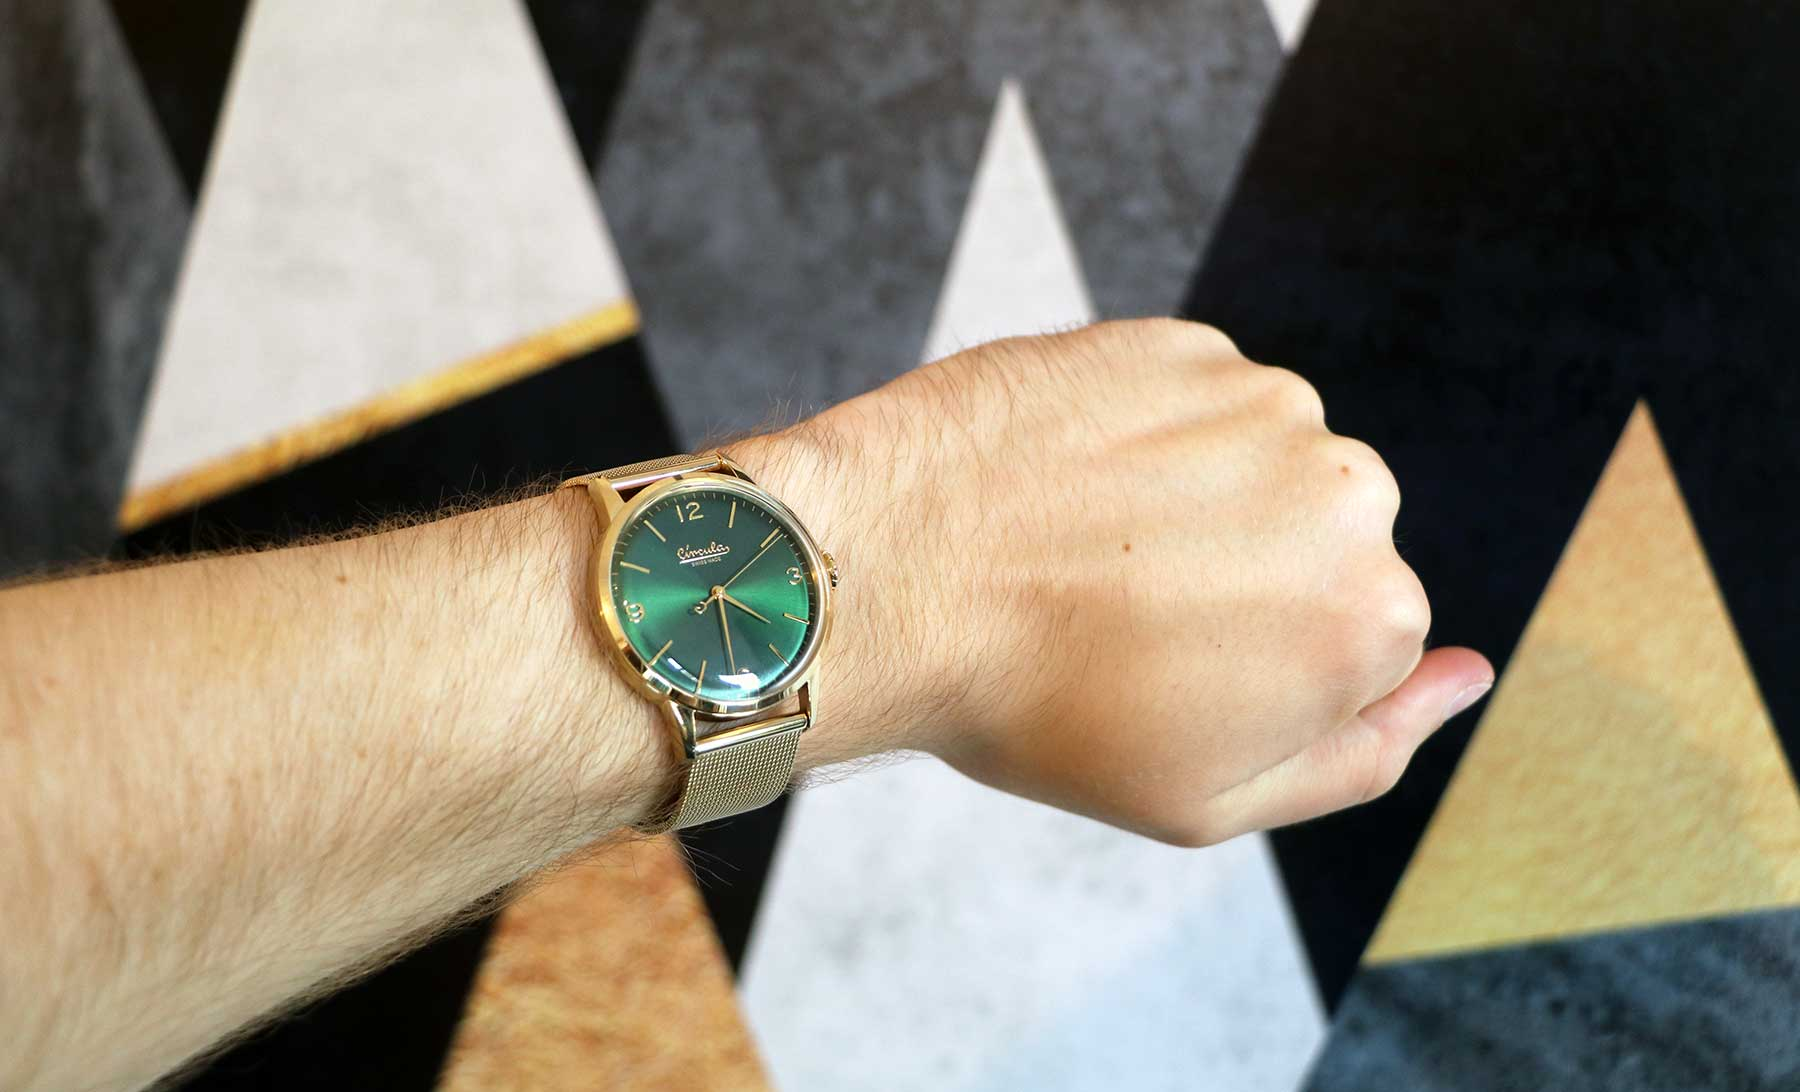 Rund. Praktisch. Gut: Circula Watches Circula-Watches_05